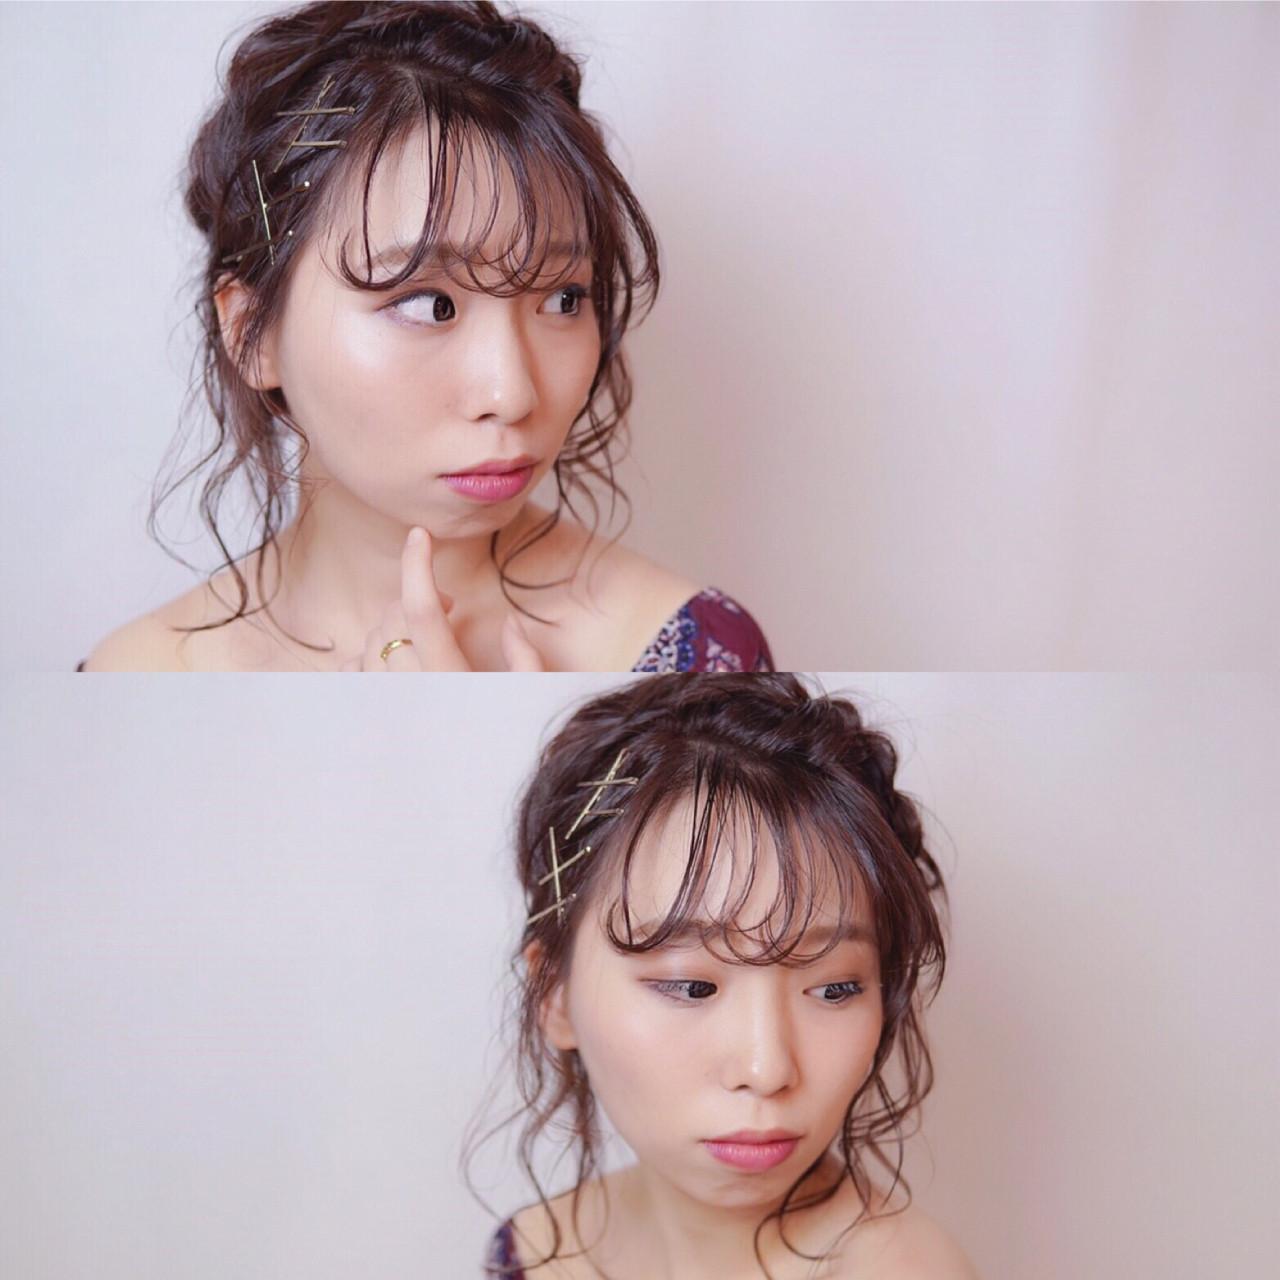 ミディアム ヘアアクセ 冬 ヘアアレンジ ヘアスタイルや髪型の写真・画像